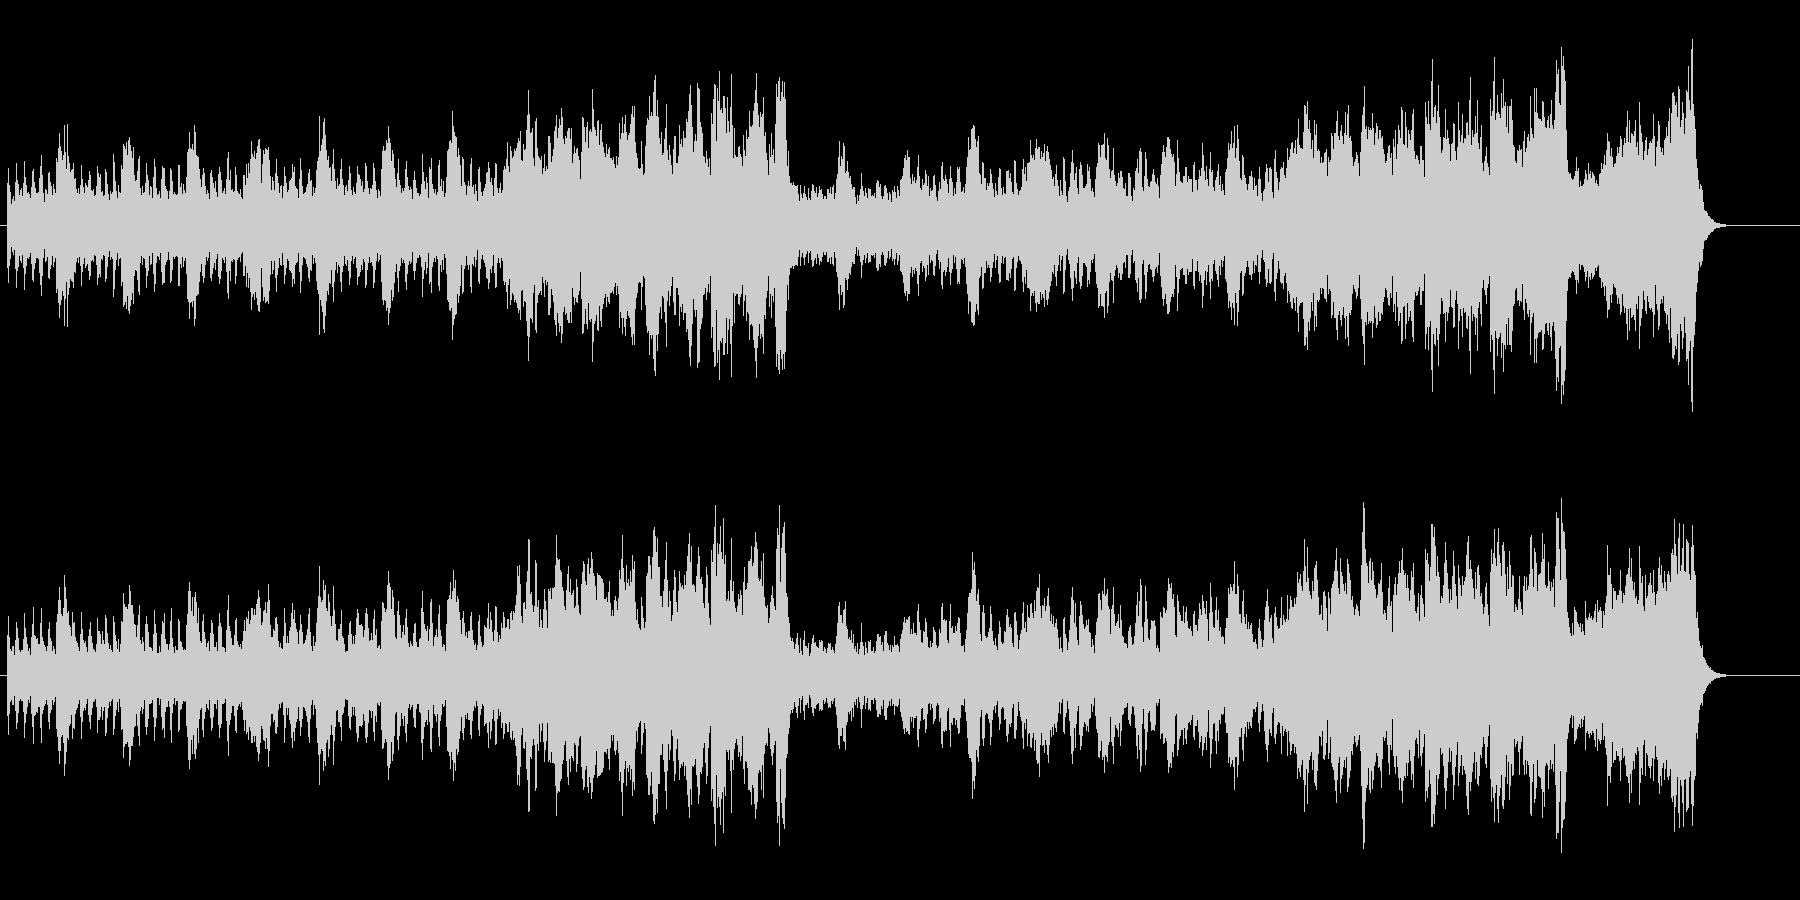 スリリングなイメージのクラシカルBGMの未再生の波形